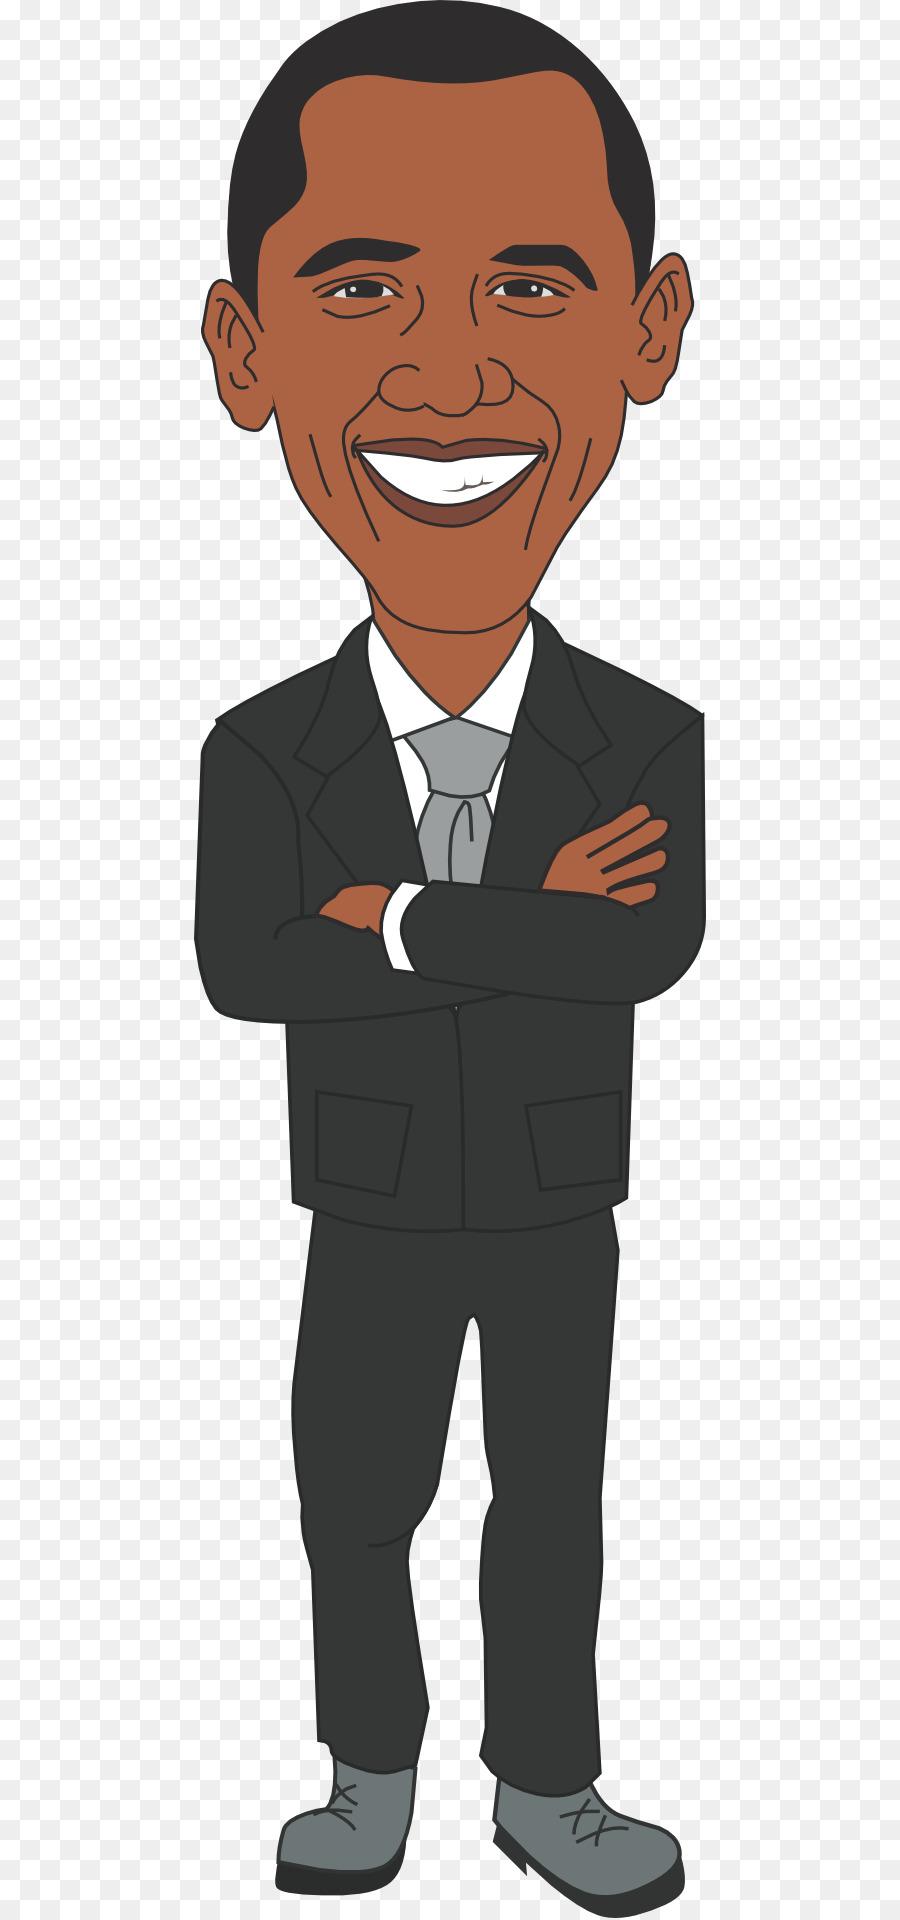 barack obama president of the united states clip art barack obama rh kisspng com clipart obama free president obama clip art free